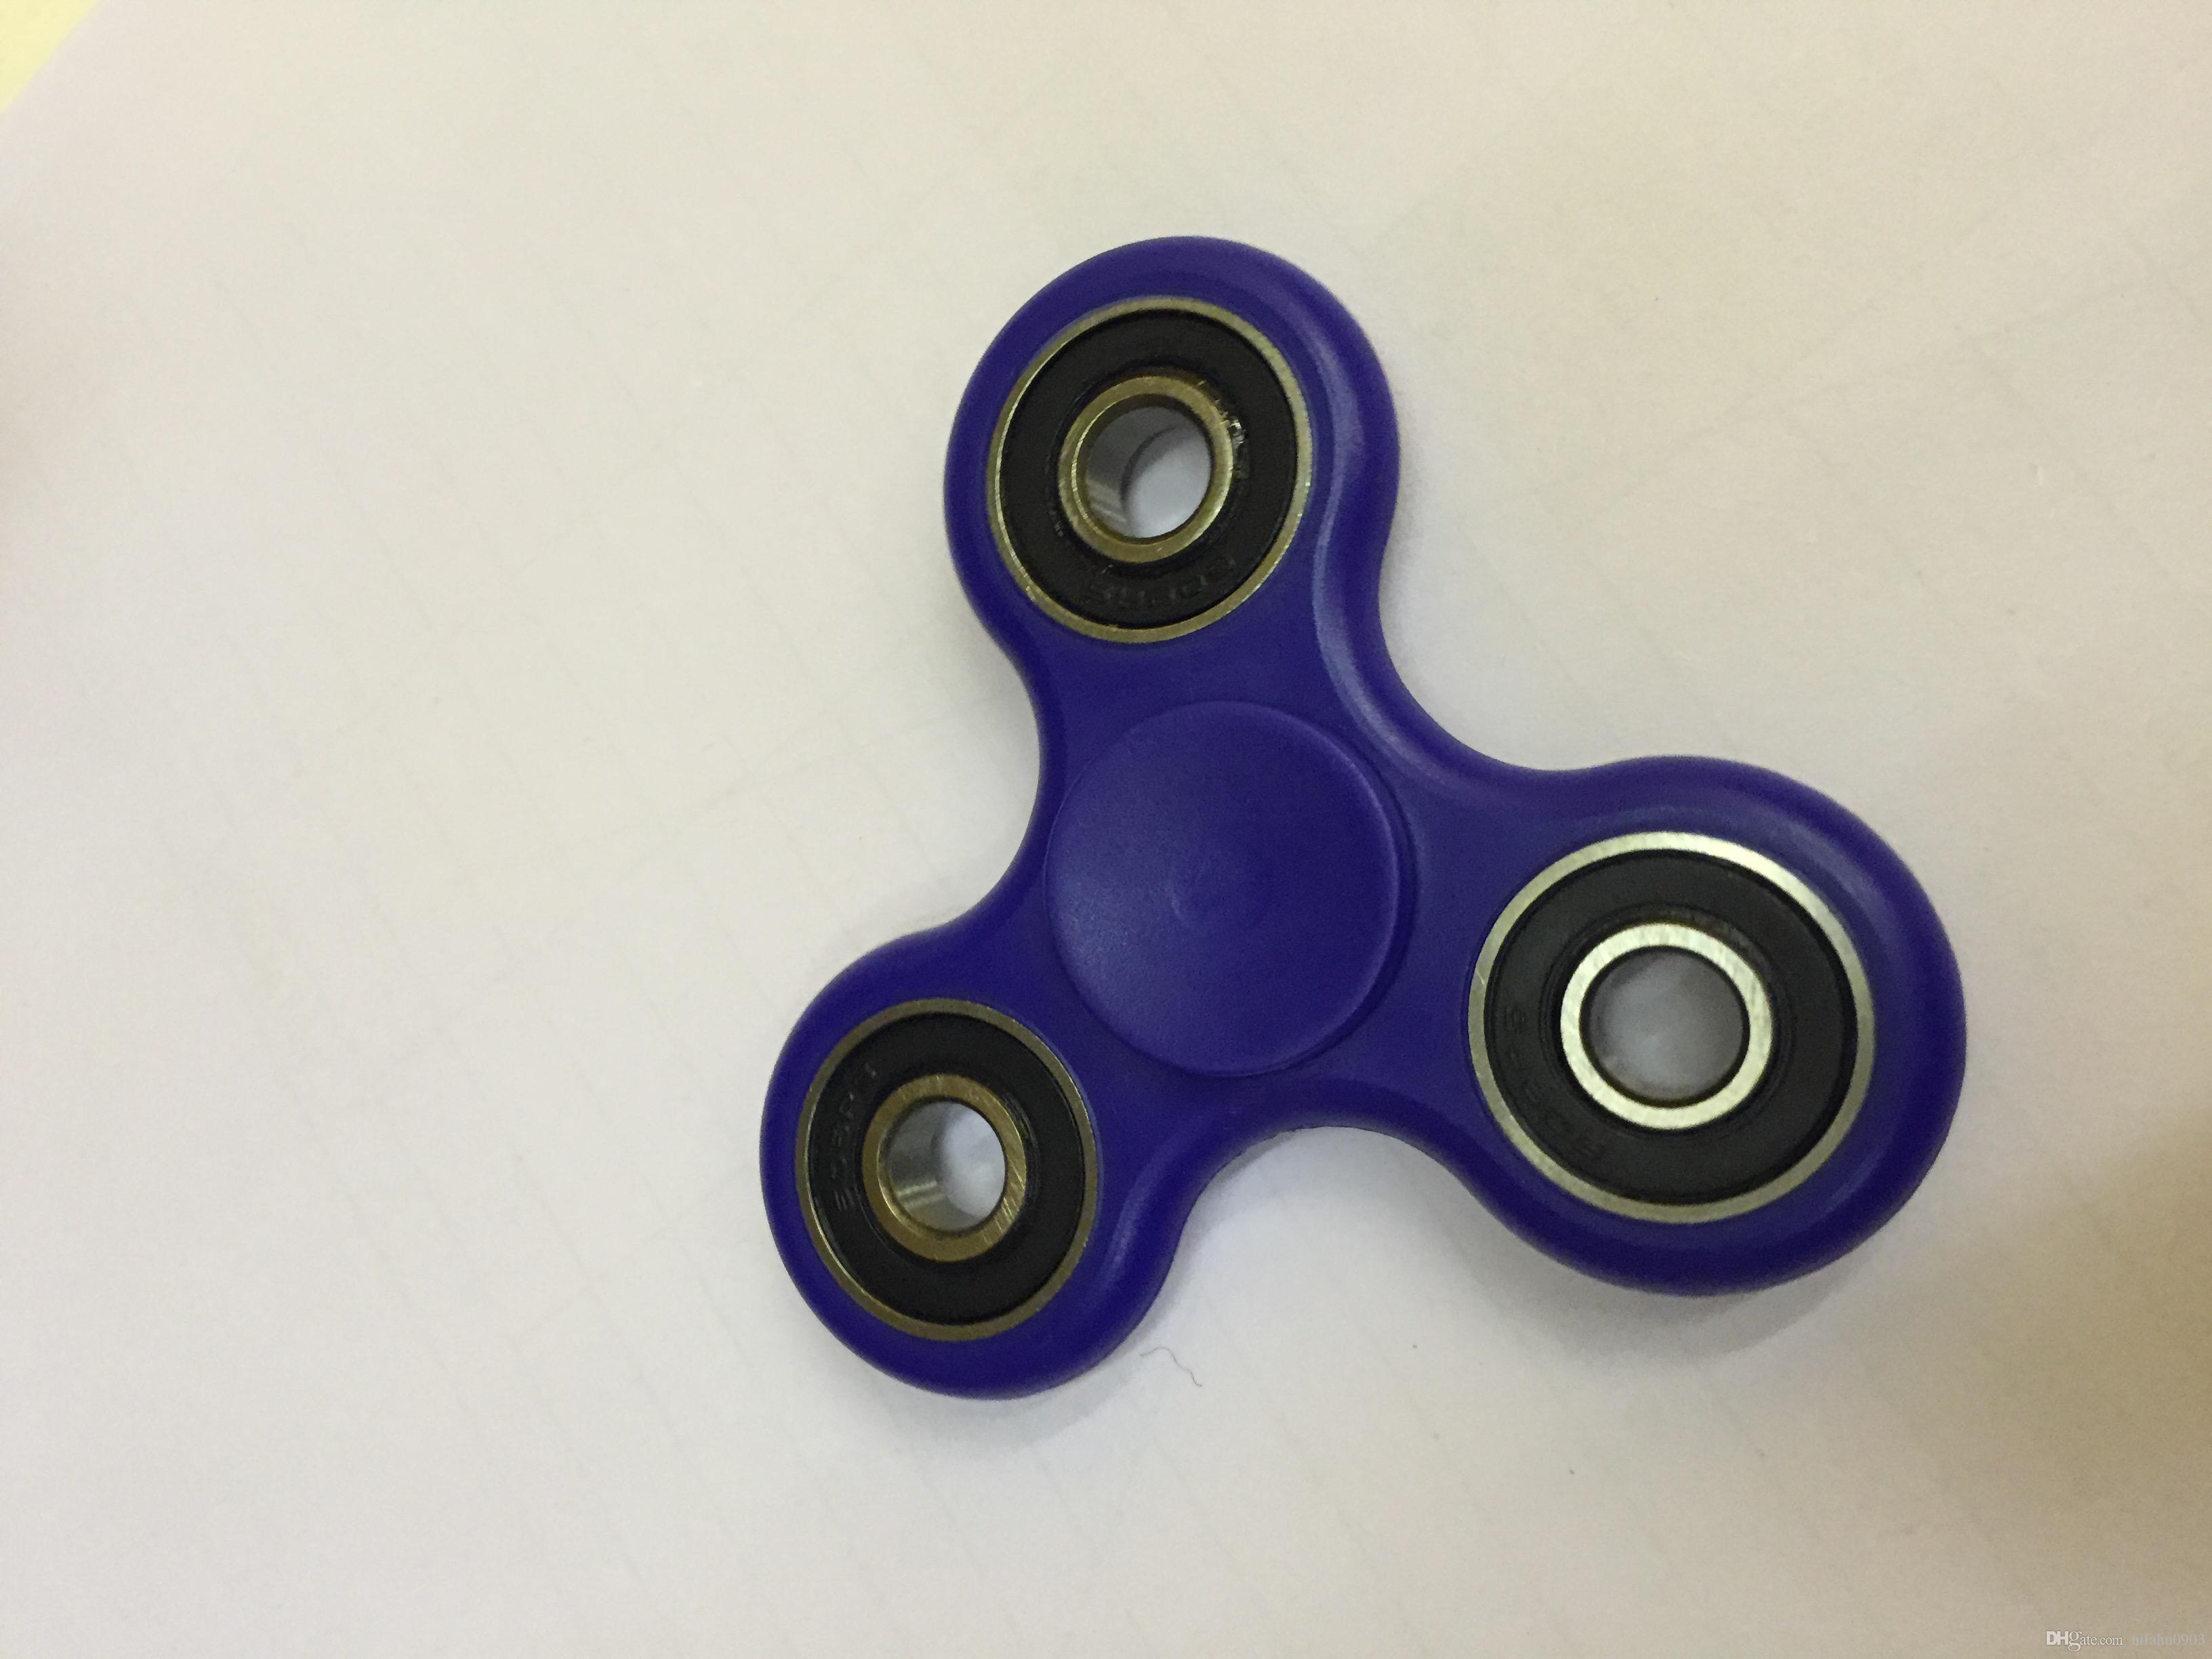 Game Fid Spinner Hand Spinner For Kids Adults Finger Spinning